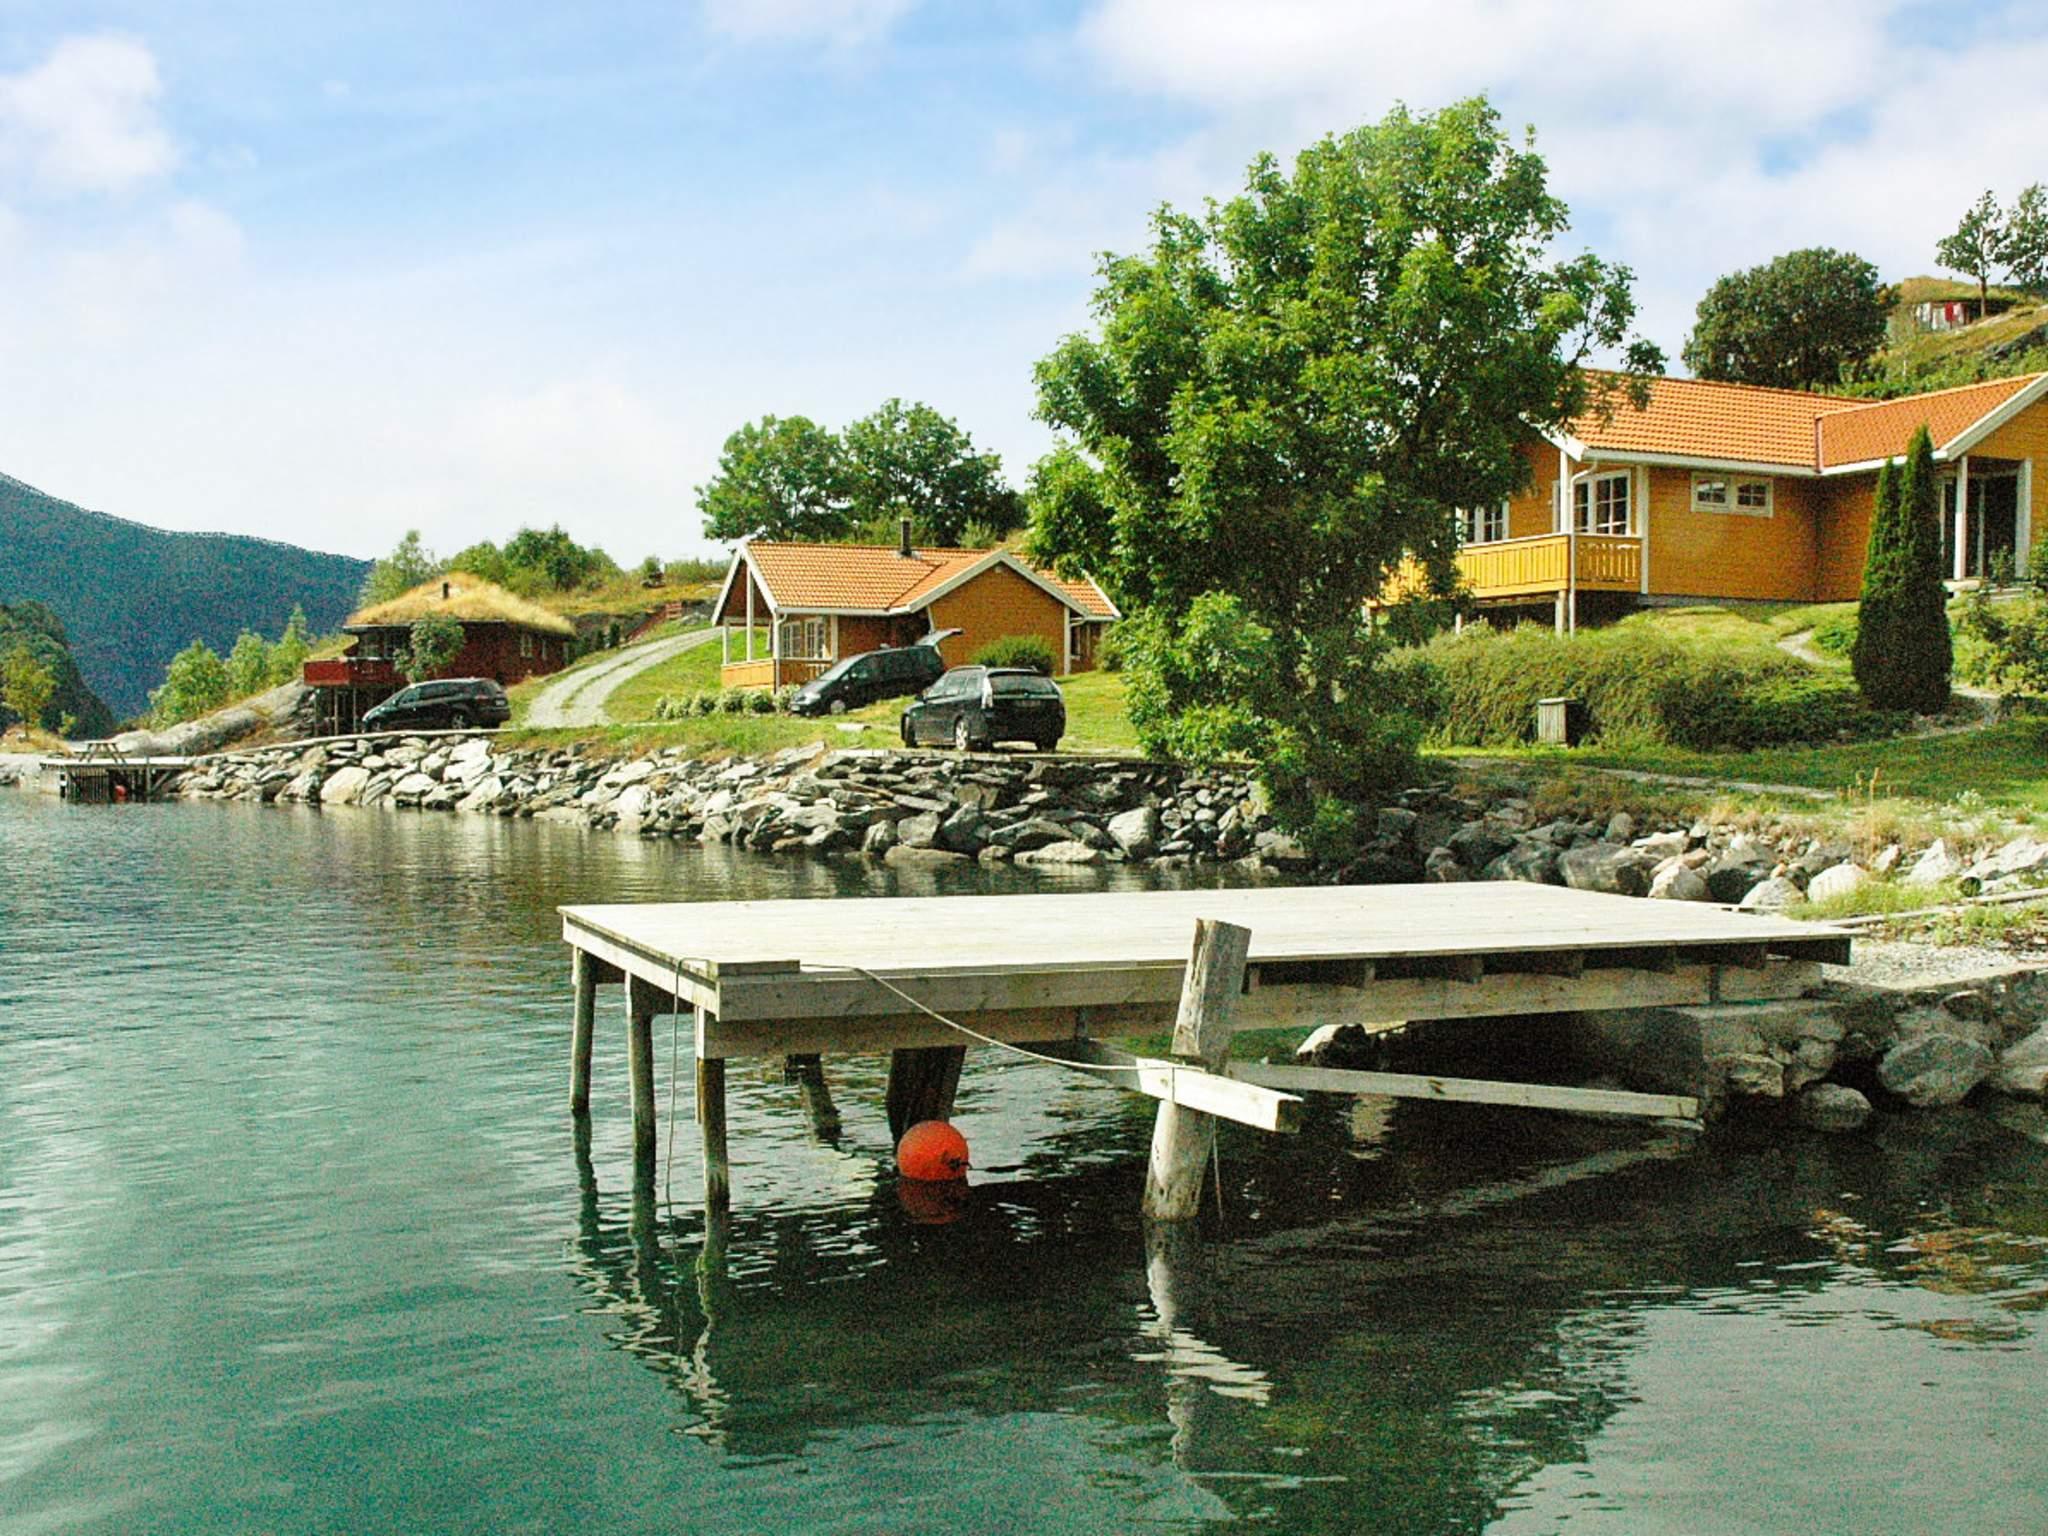 Ferienhaus Slinde (82397), Slinde, Sognefjord - Nordfjord, Westnorwegen, Norwegen, Bild 8